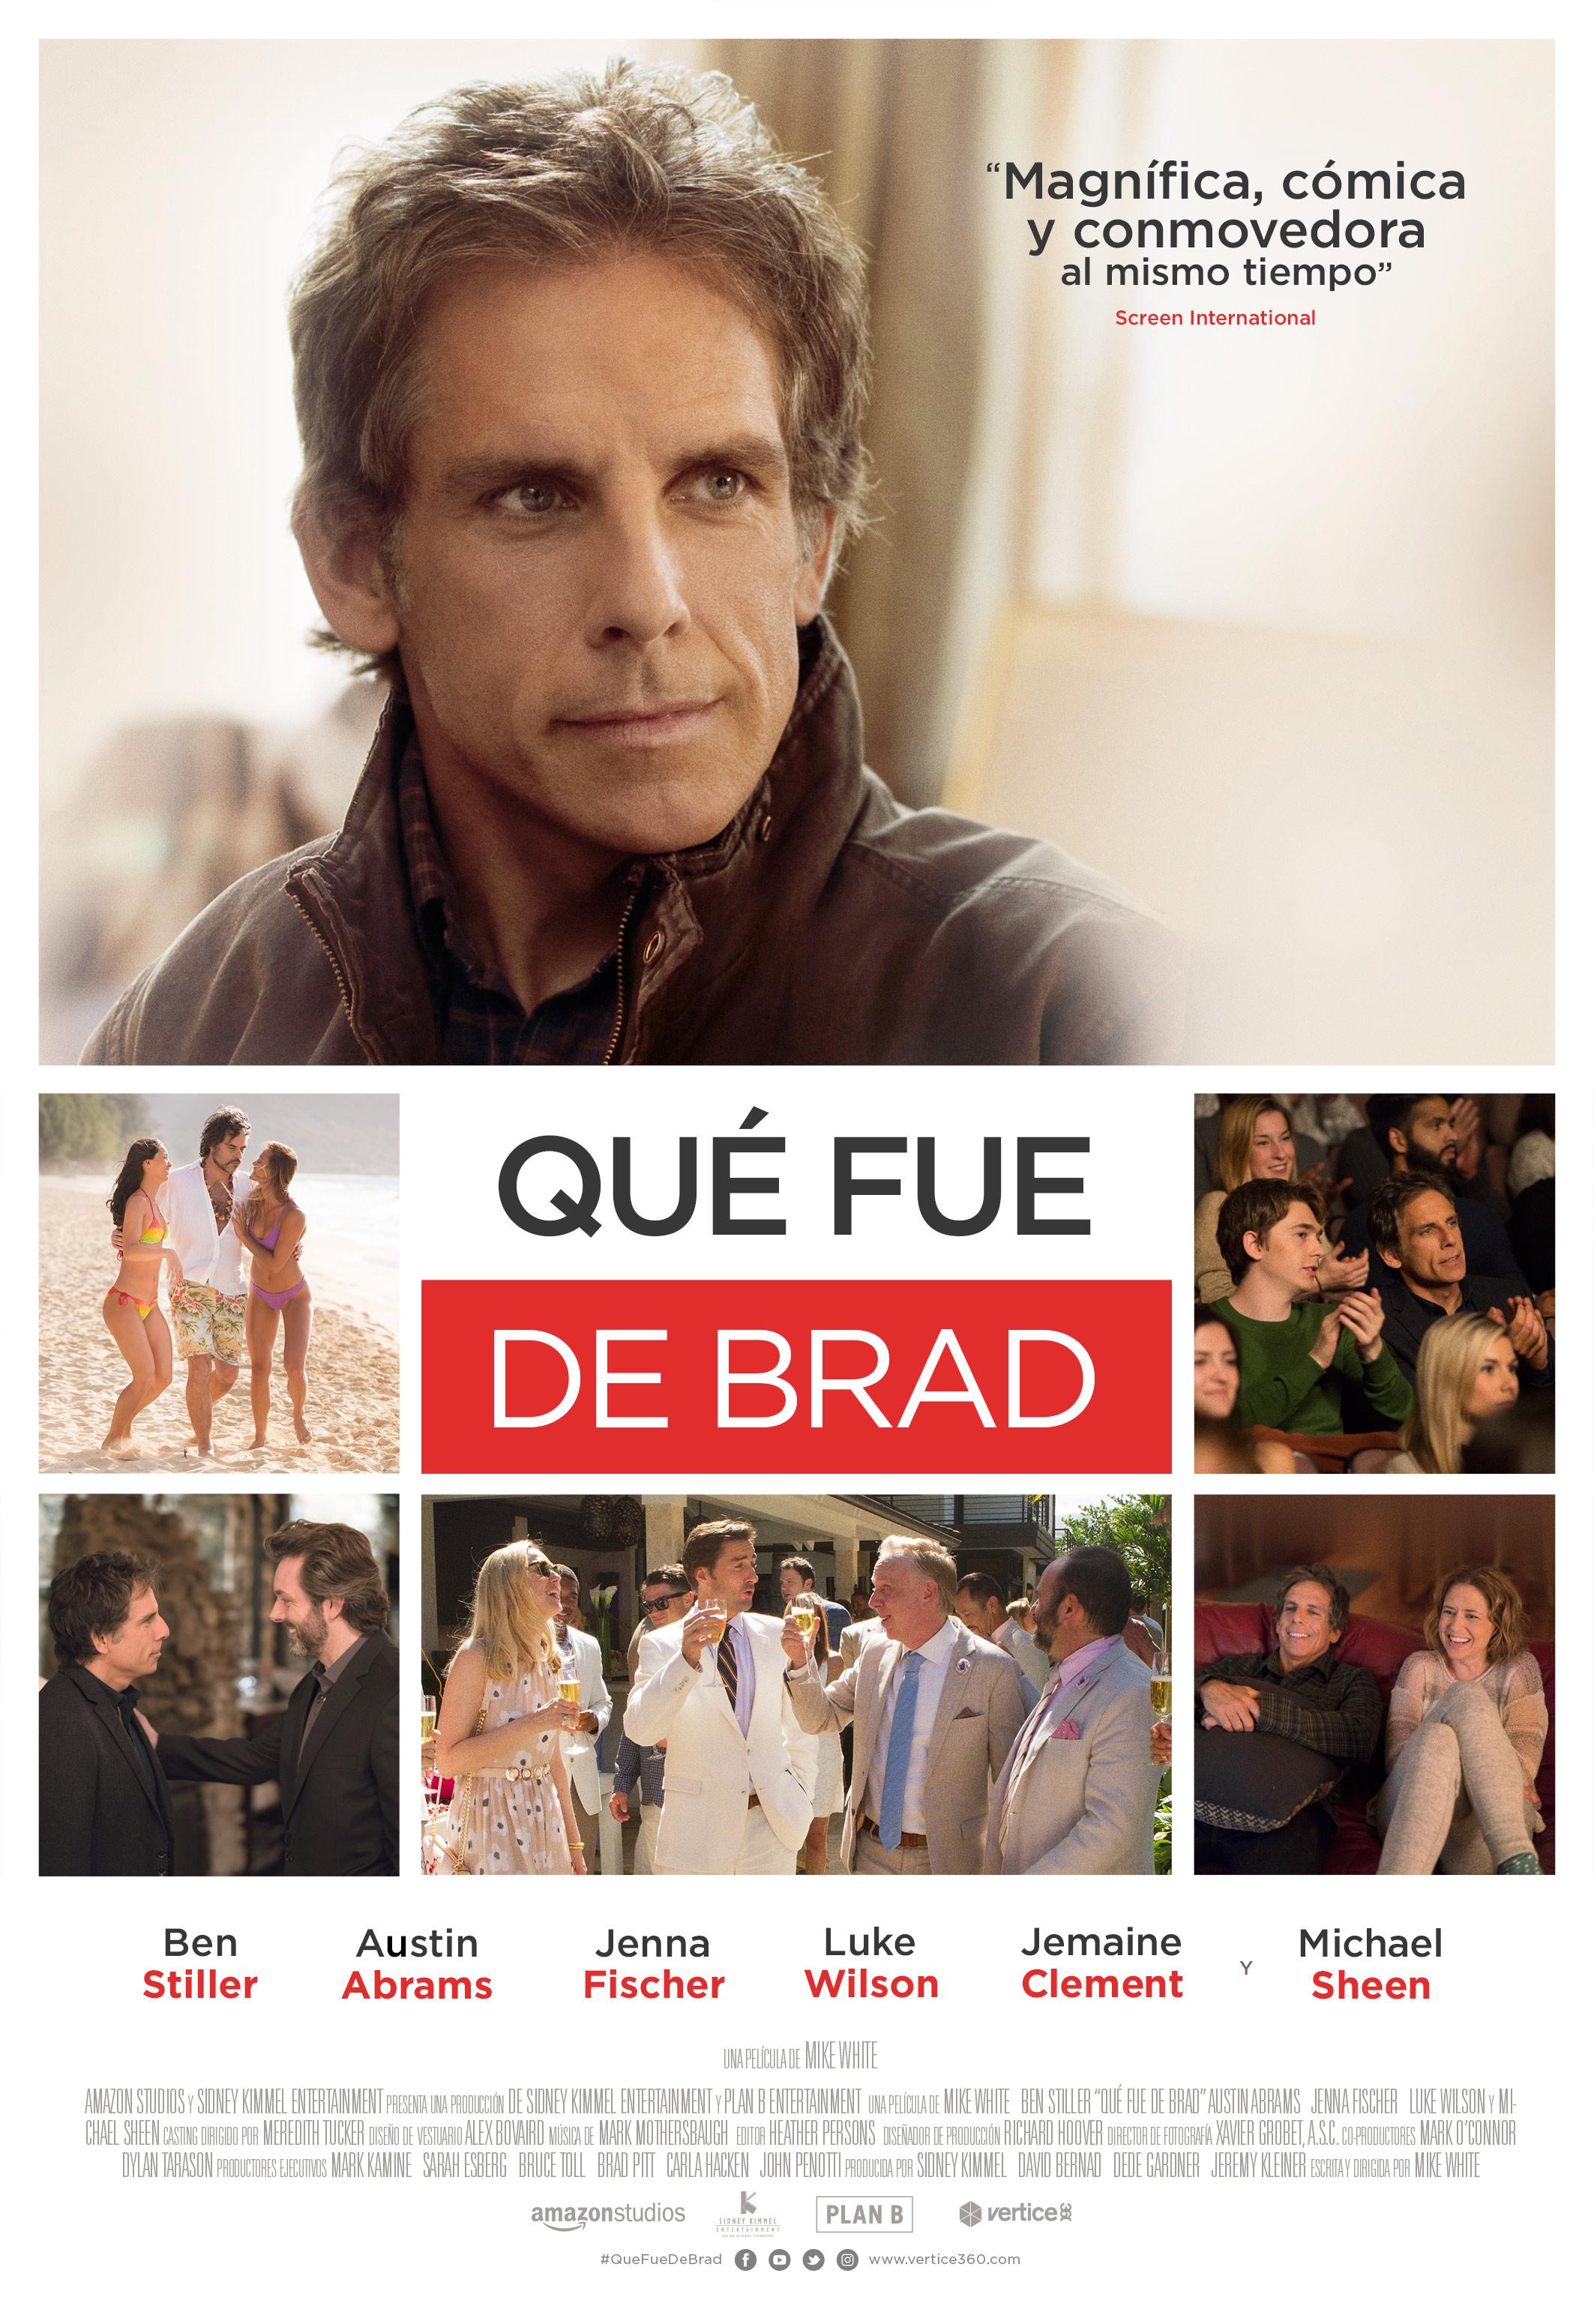 'Qué fue de Brad': Póster español de la nueva comedia con Ben Stiller